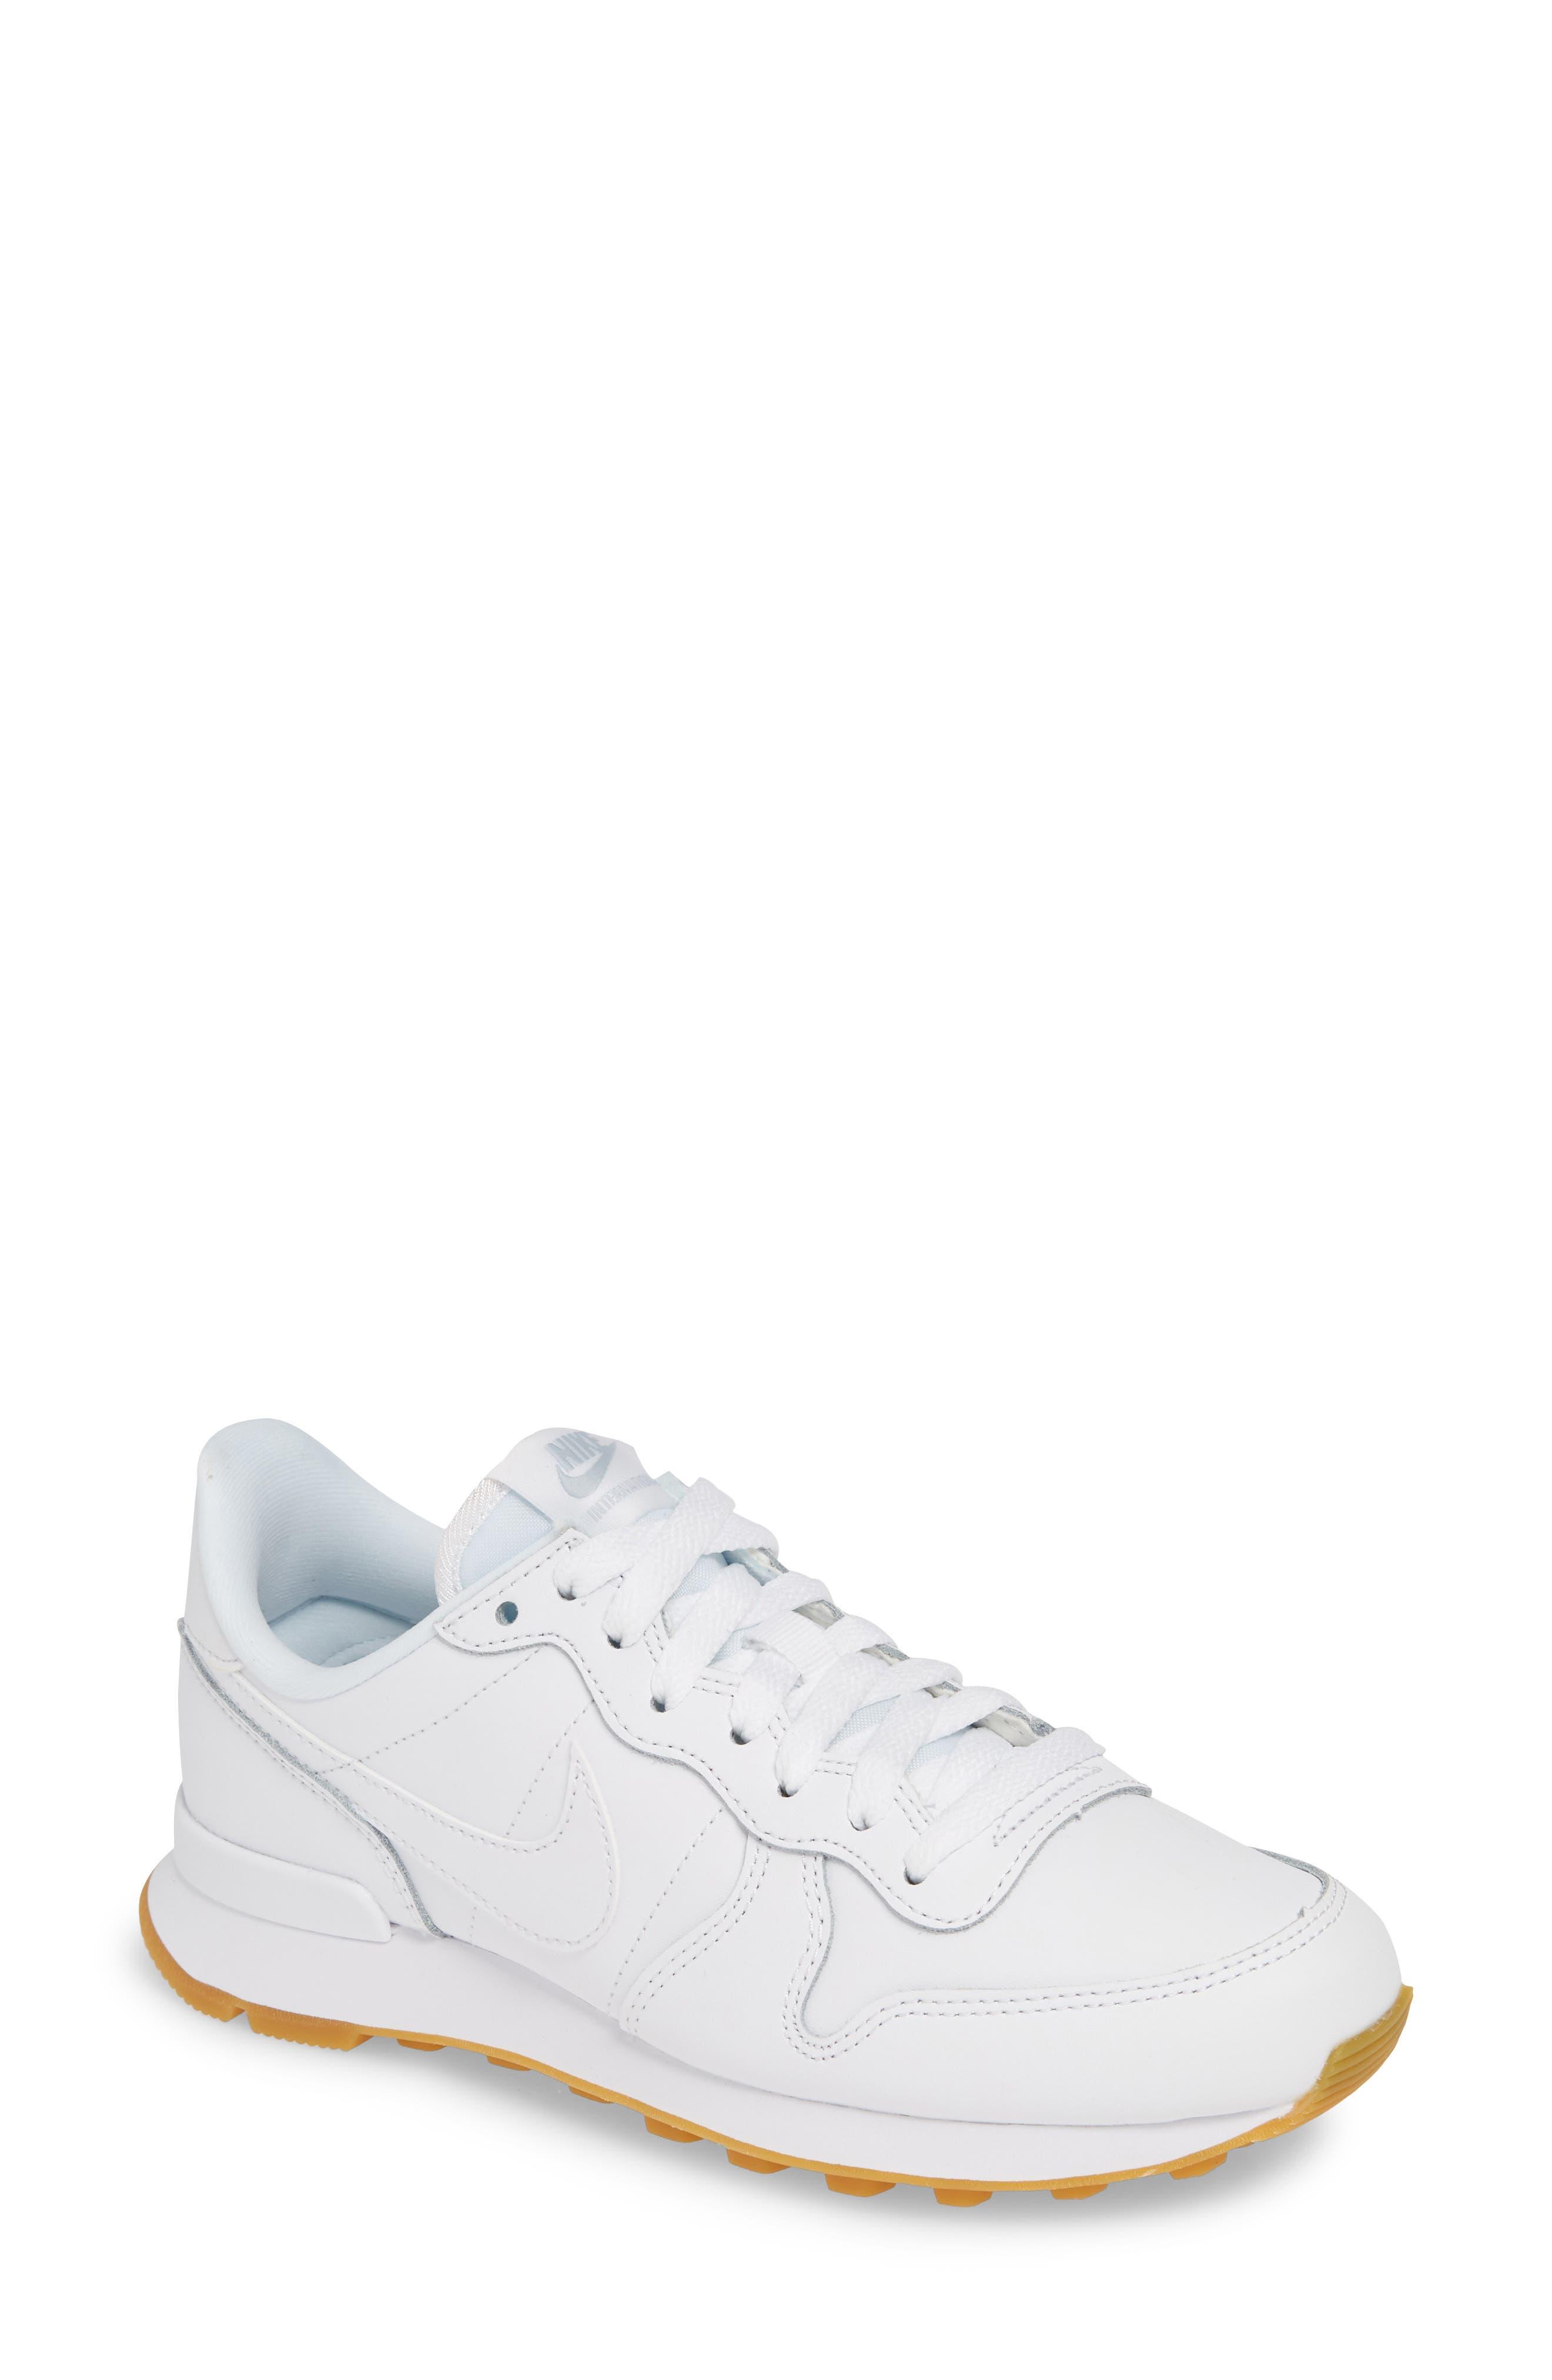 'Internationalist' Sneaker, Main, color, WHITE/ WHITE/ GUM LIGHT BROWN